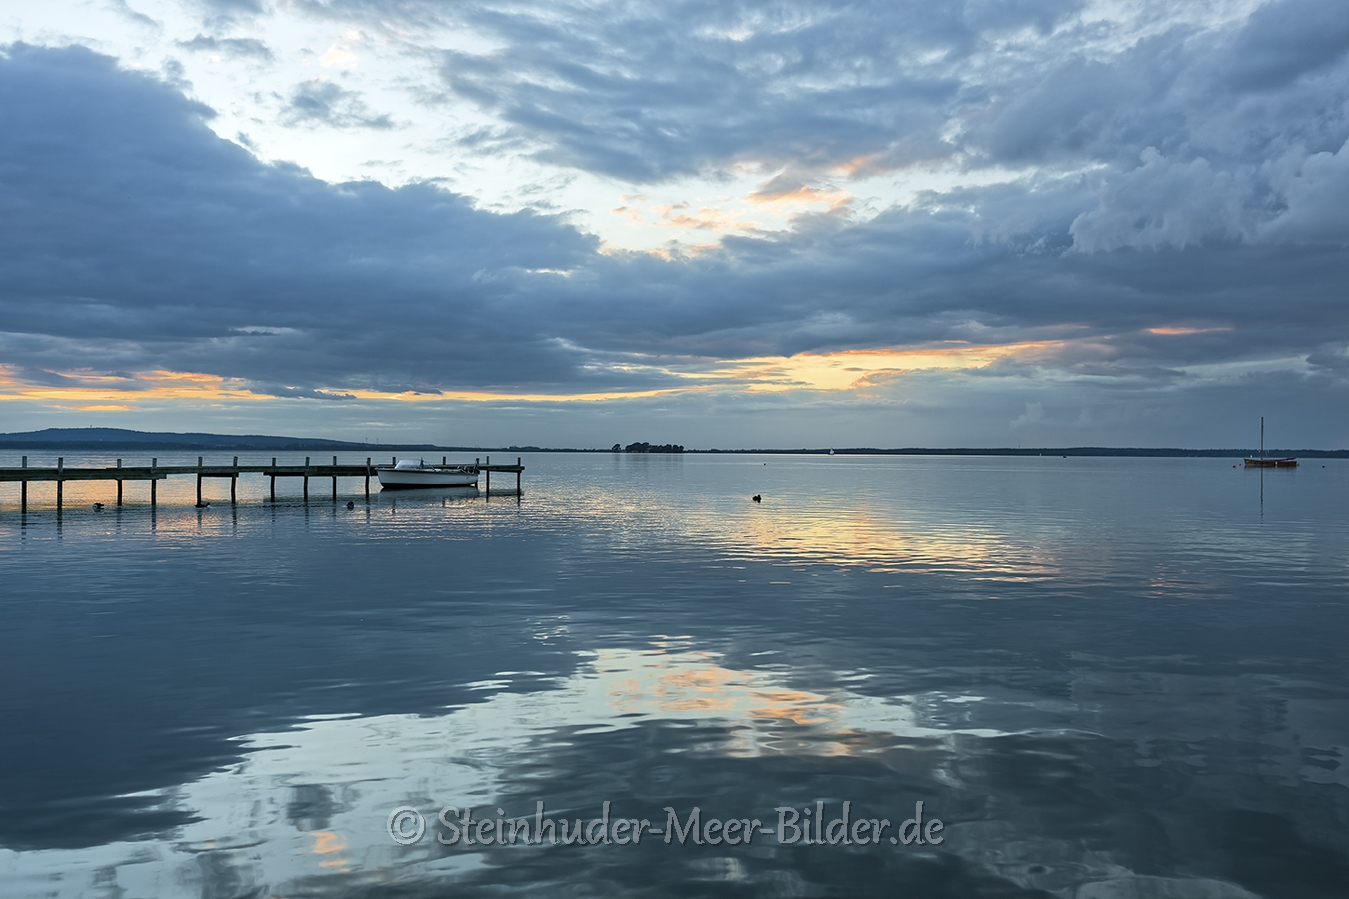 Wolken-Wolkenhimmel-Abendstimmung-Abendlicht-Steinhuder Meer-A_NIK7529